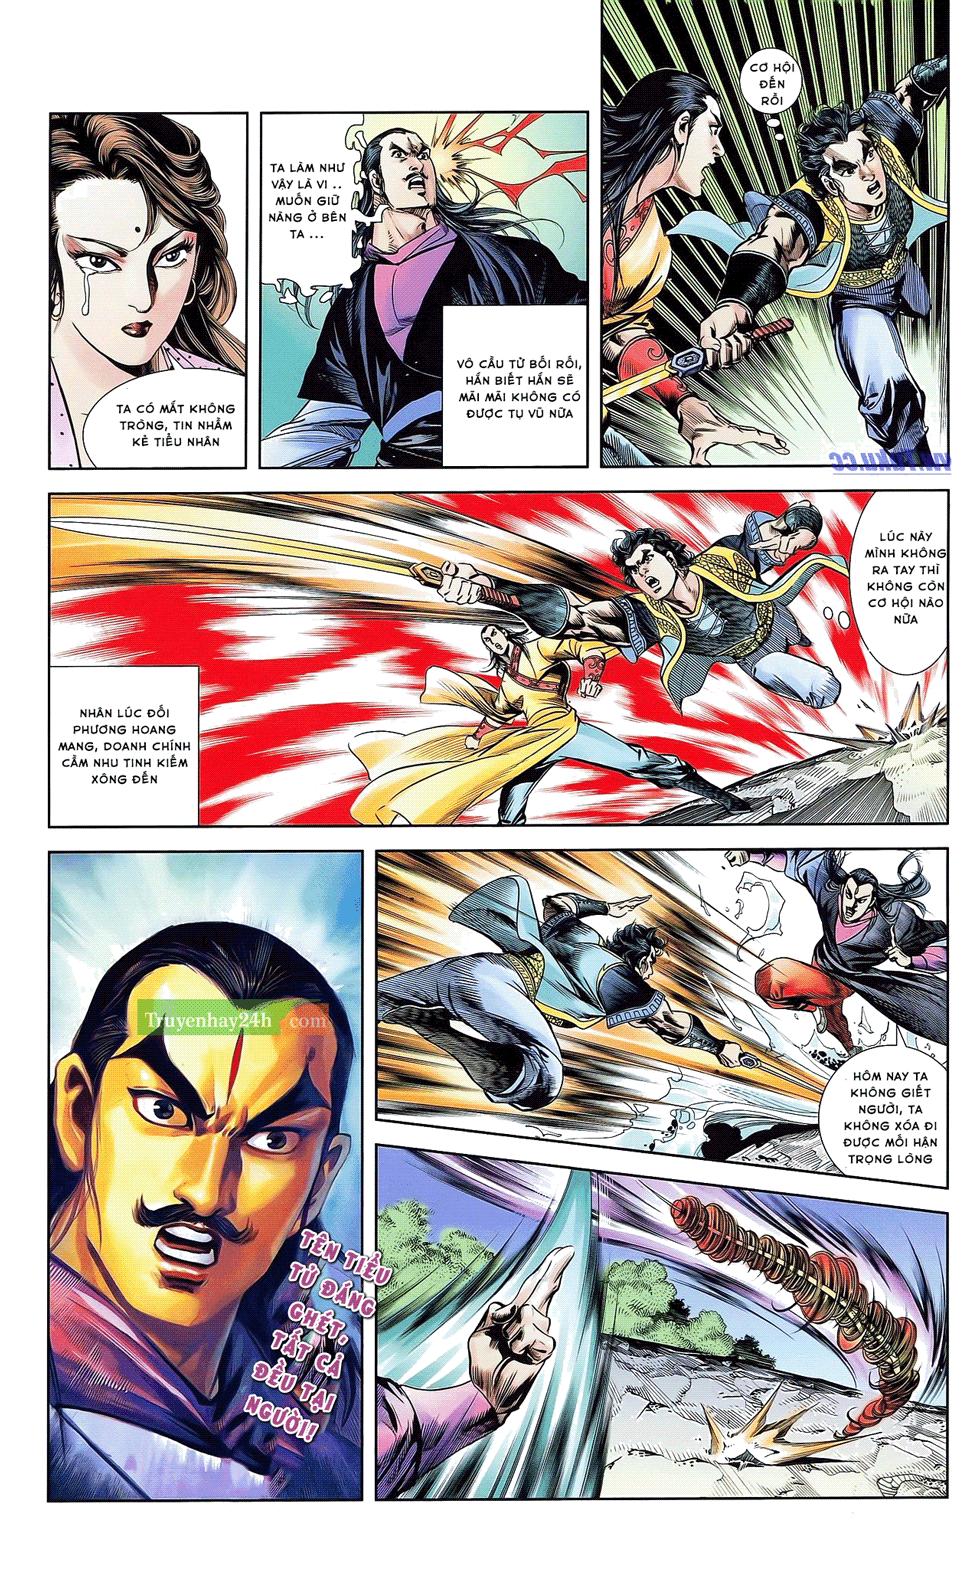 Tần Vương Doanh Chính chapter 21 trang 7